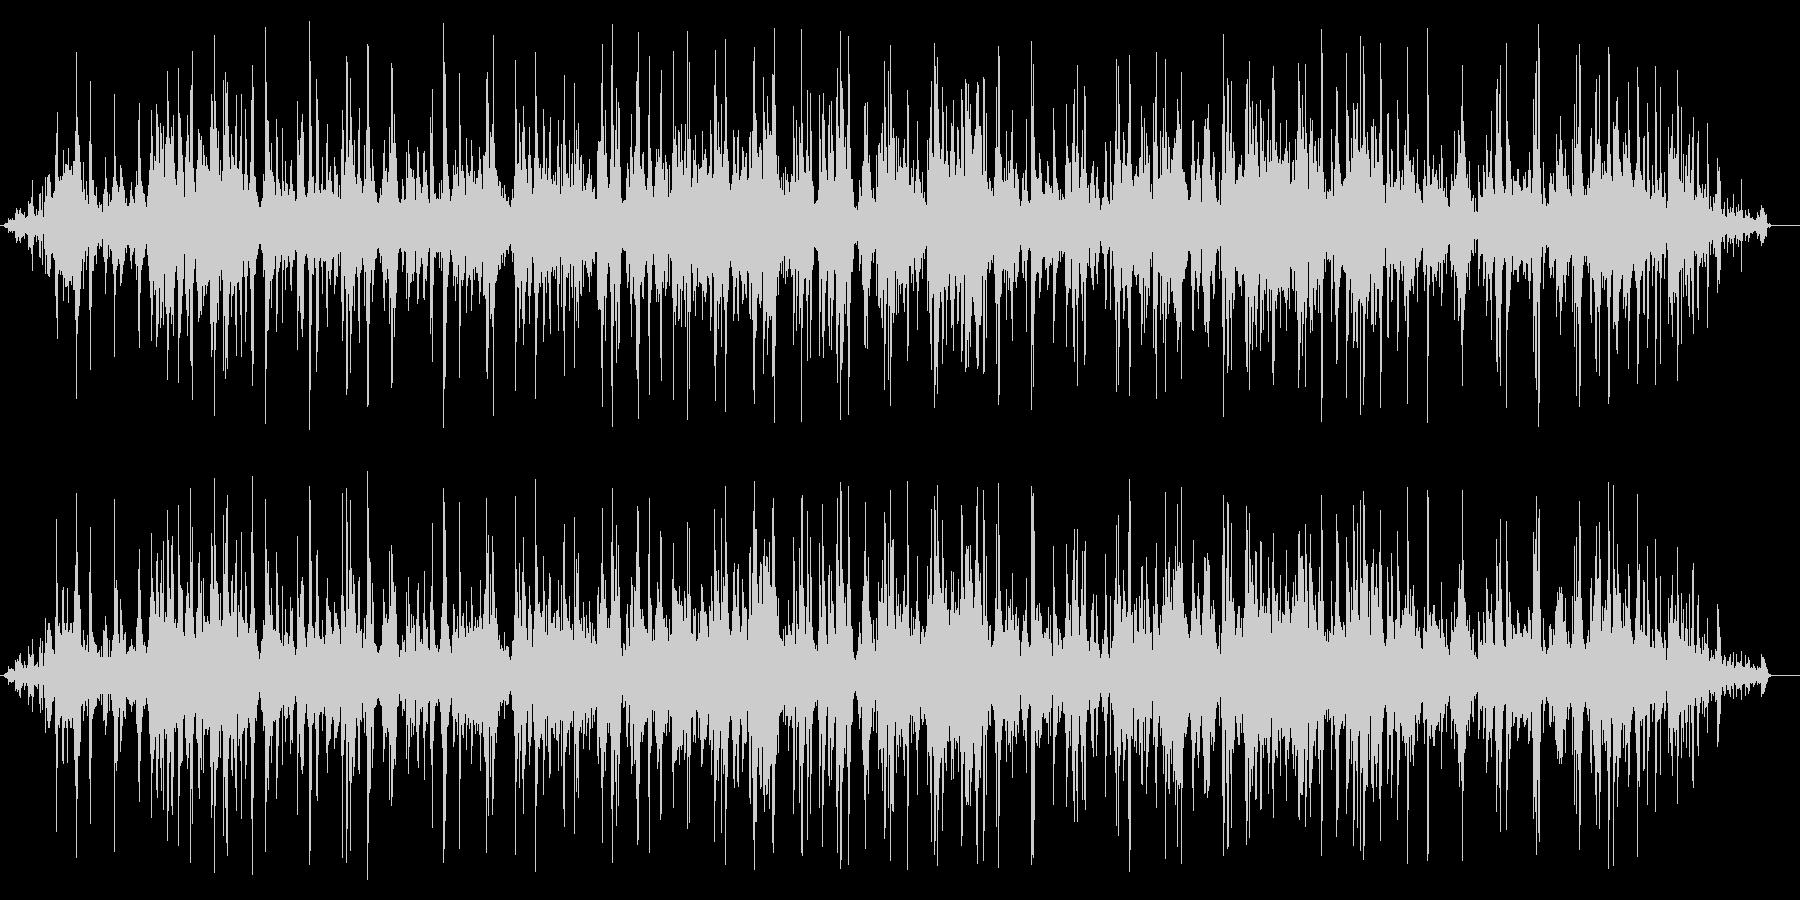 ドポドポドポ(水の音)の未再生の波形